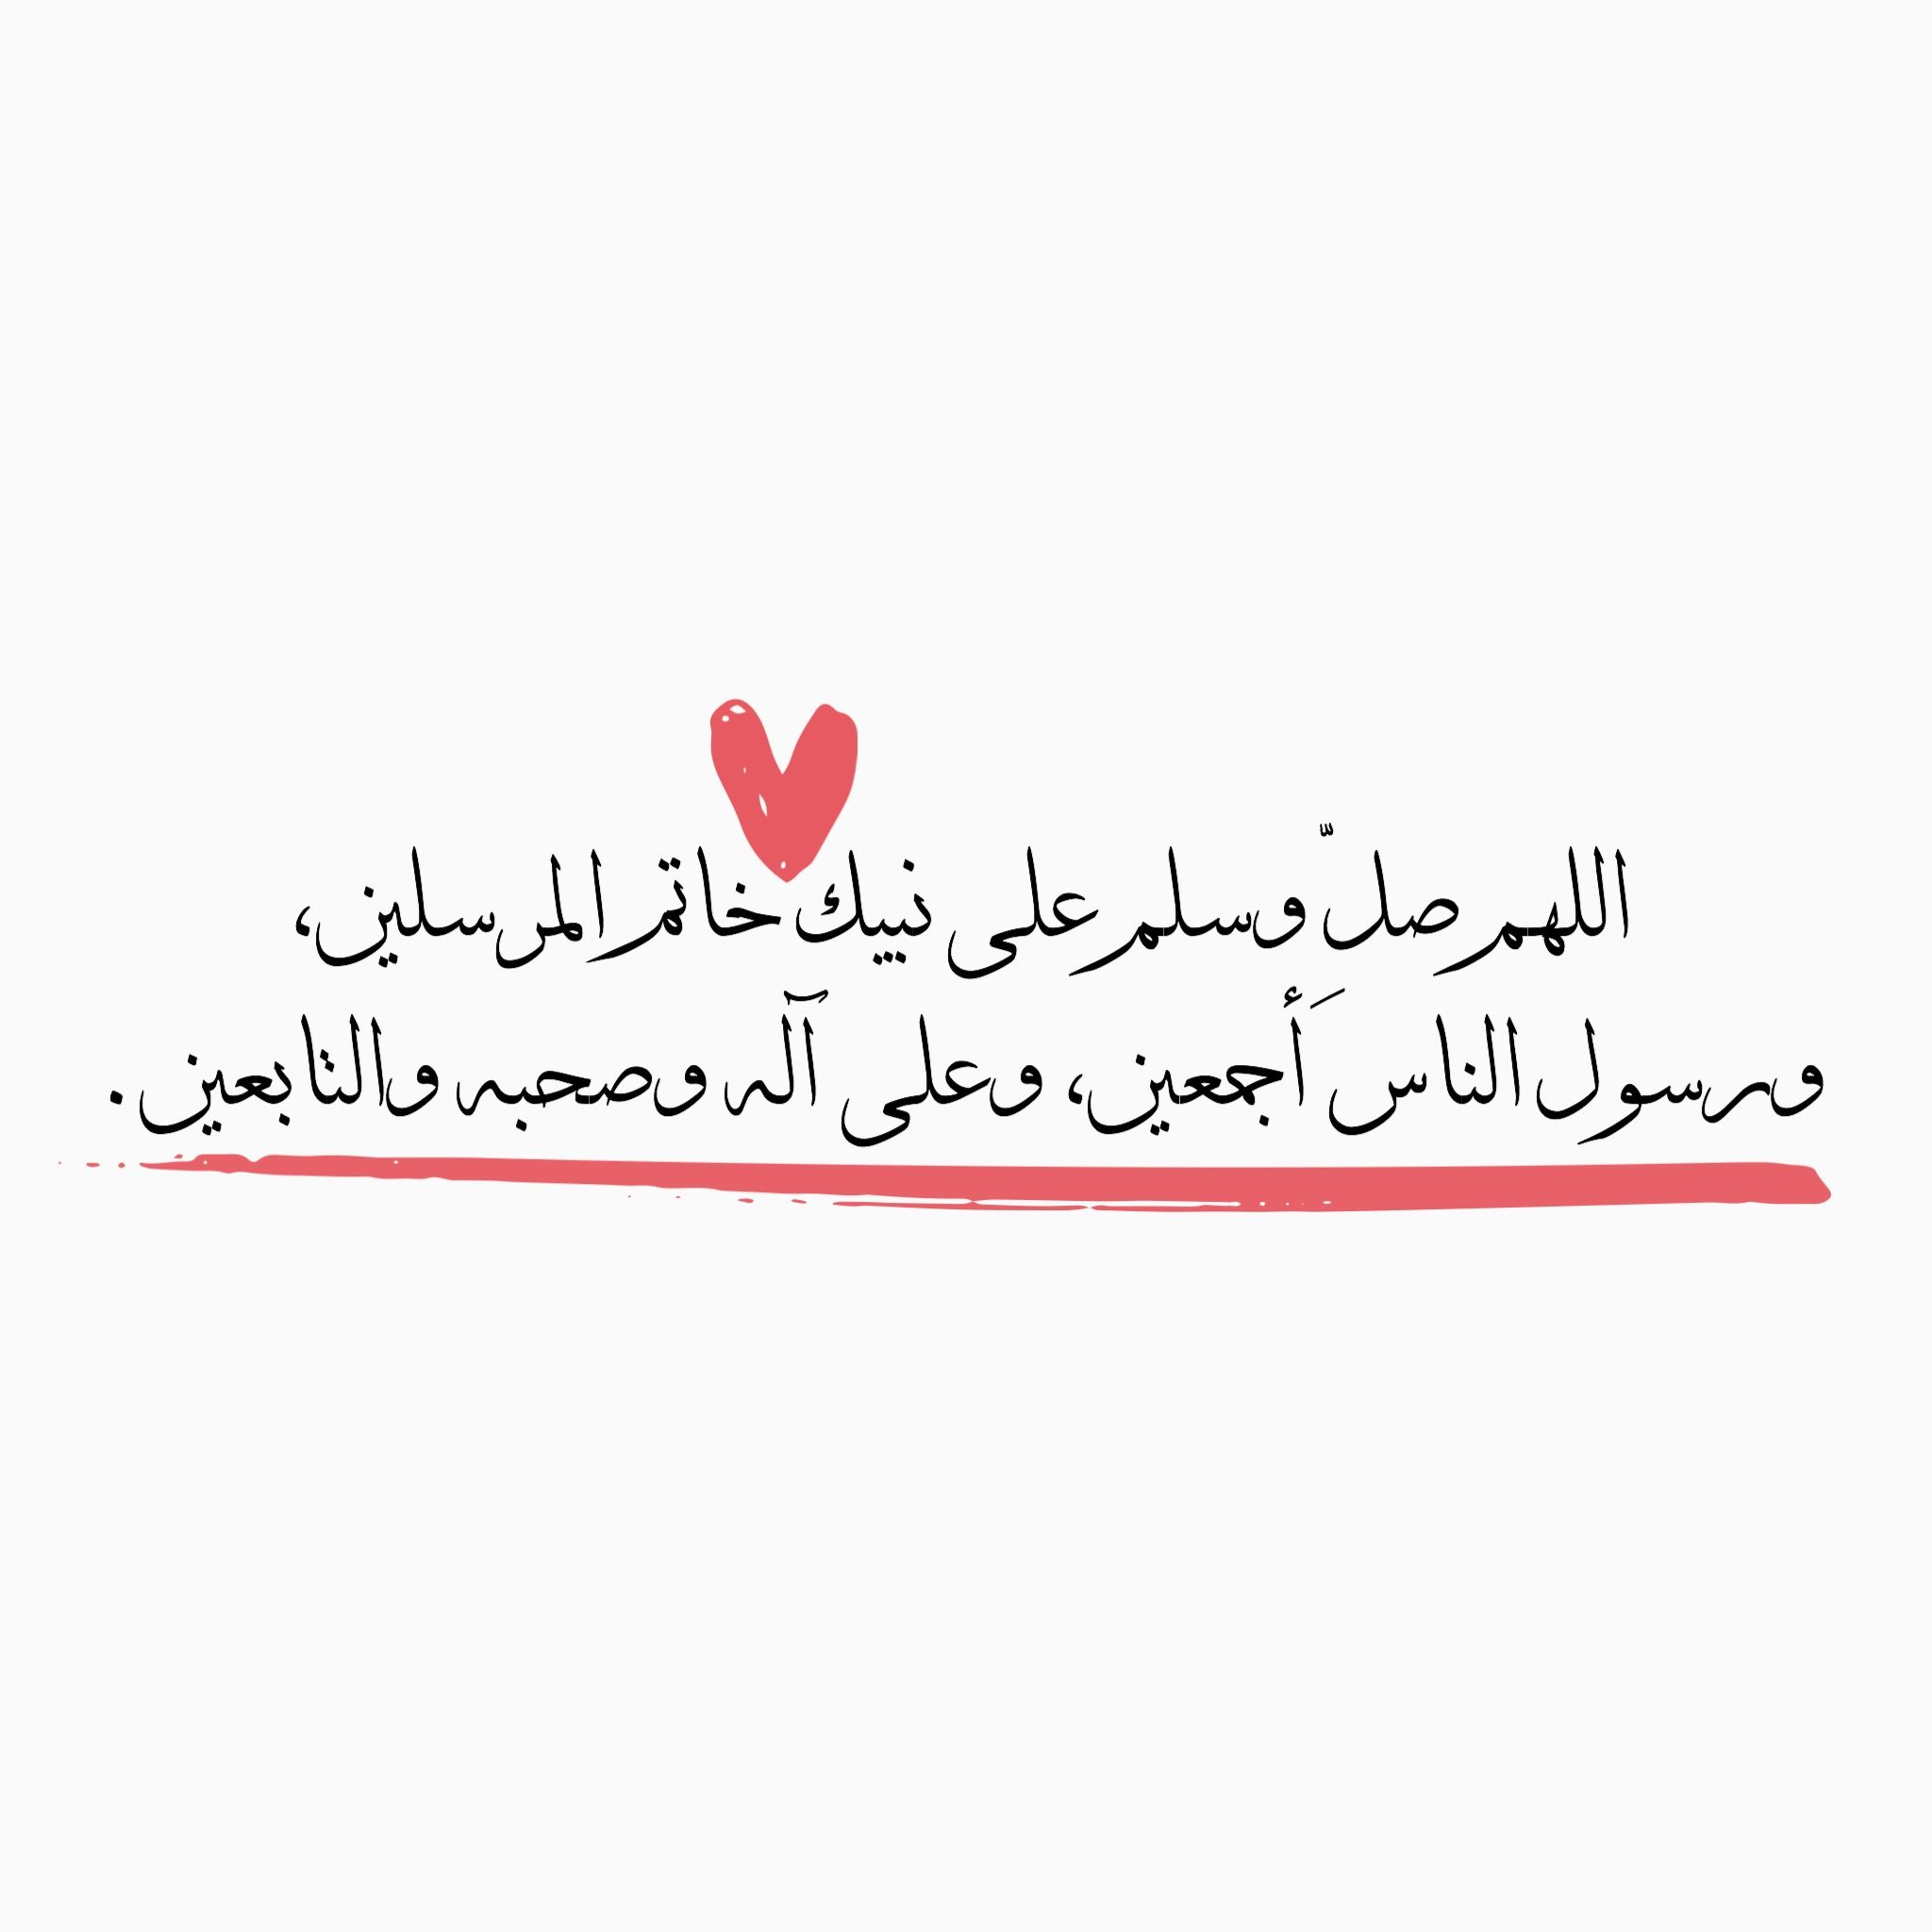 اللهم صلي وسلم على نبينا محمد Png